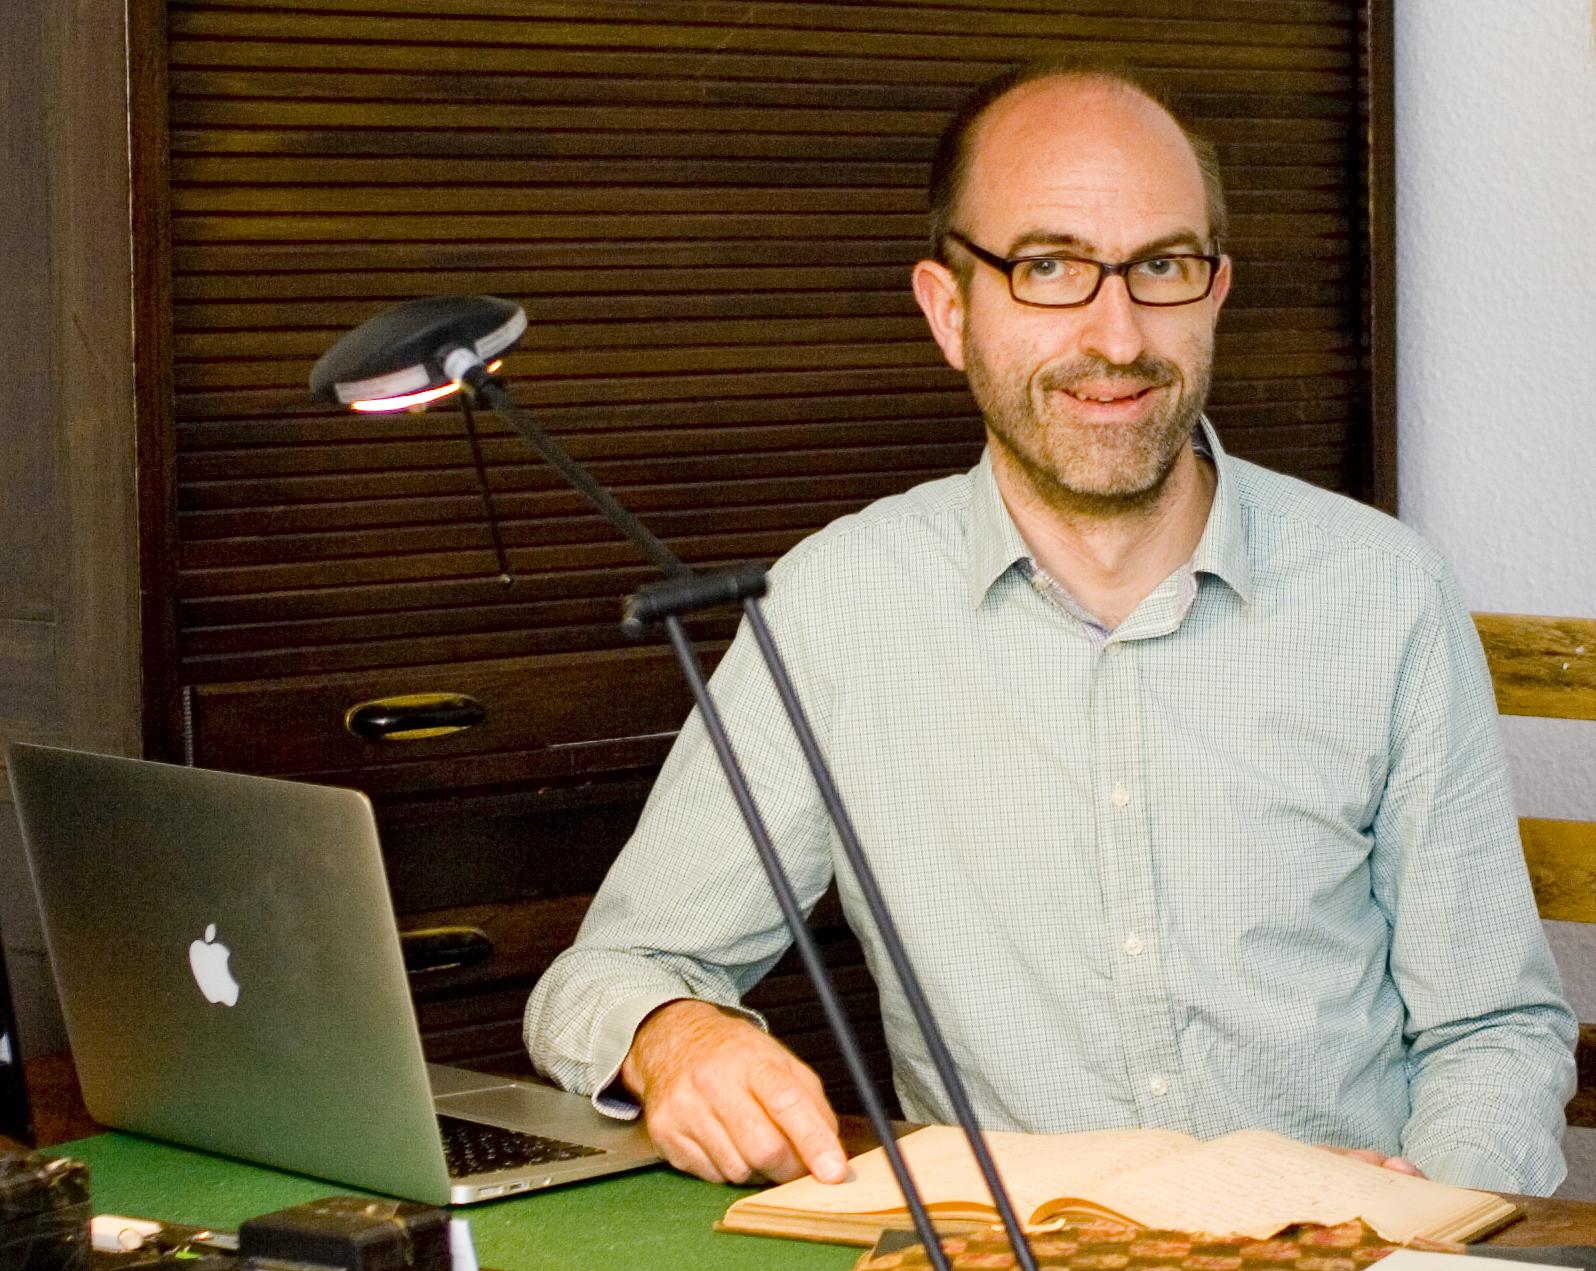 Genealoge Marc Jarzebowski in seinem Büro in Berlin